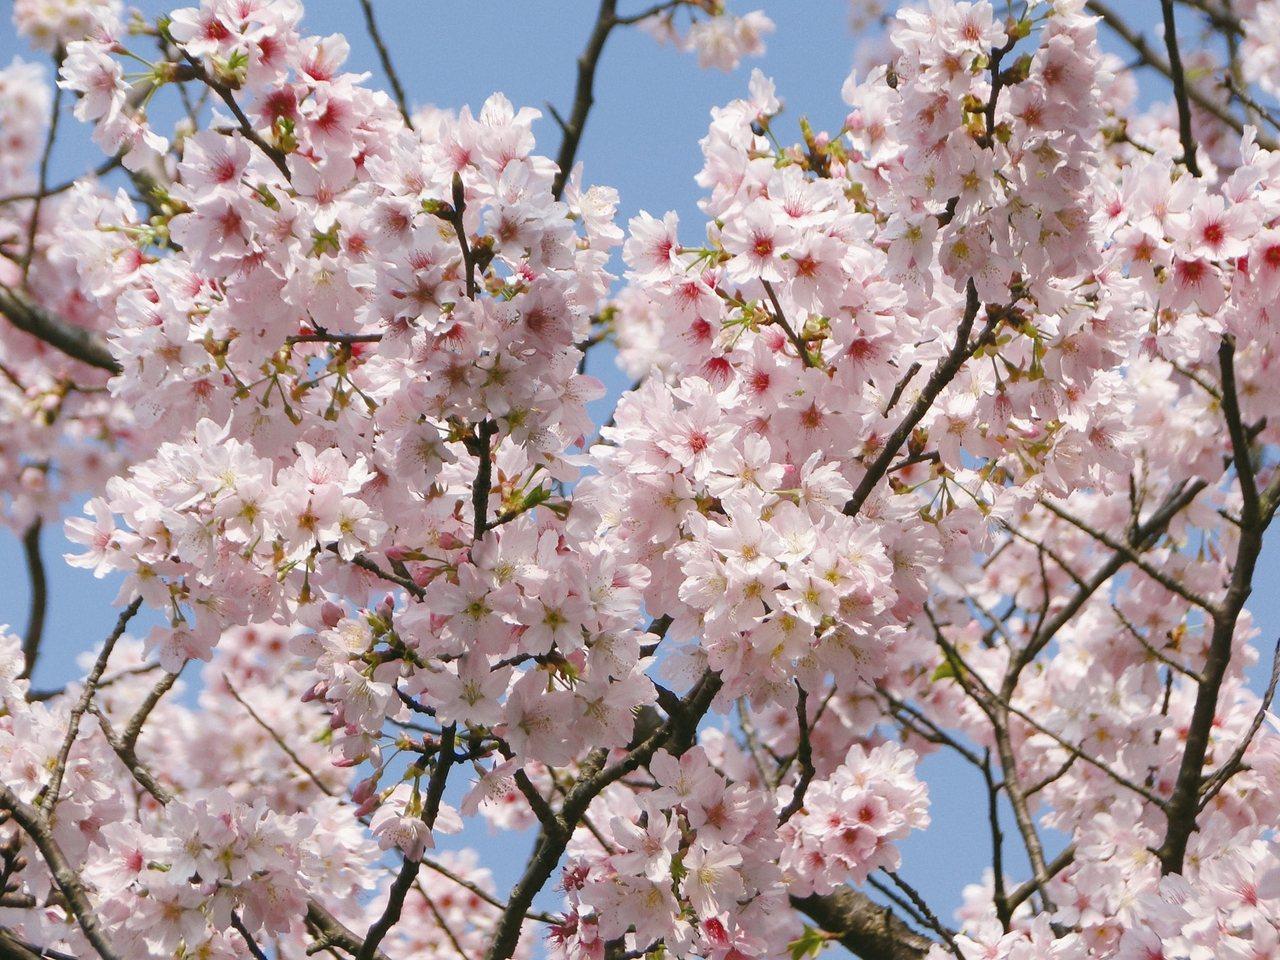 粉白色的吉野櫻淡雅怡人,是陽明山花季較晚盛開的櫻種。 圖/台北市工務局公園路燈工...